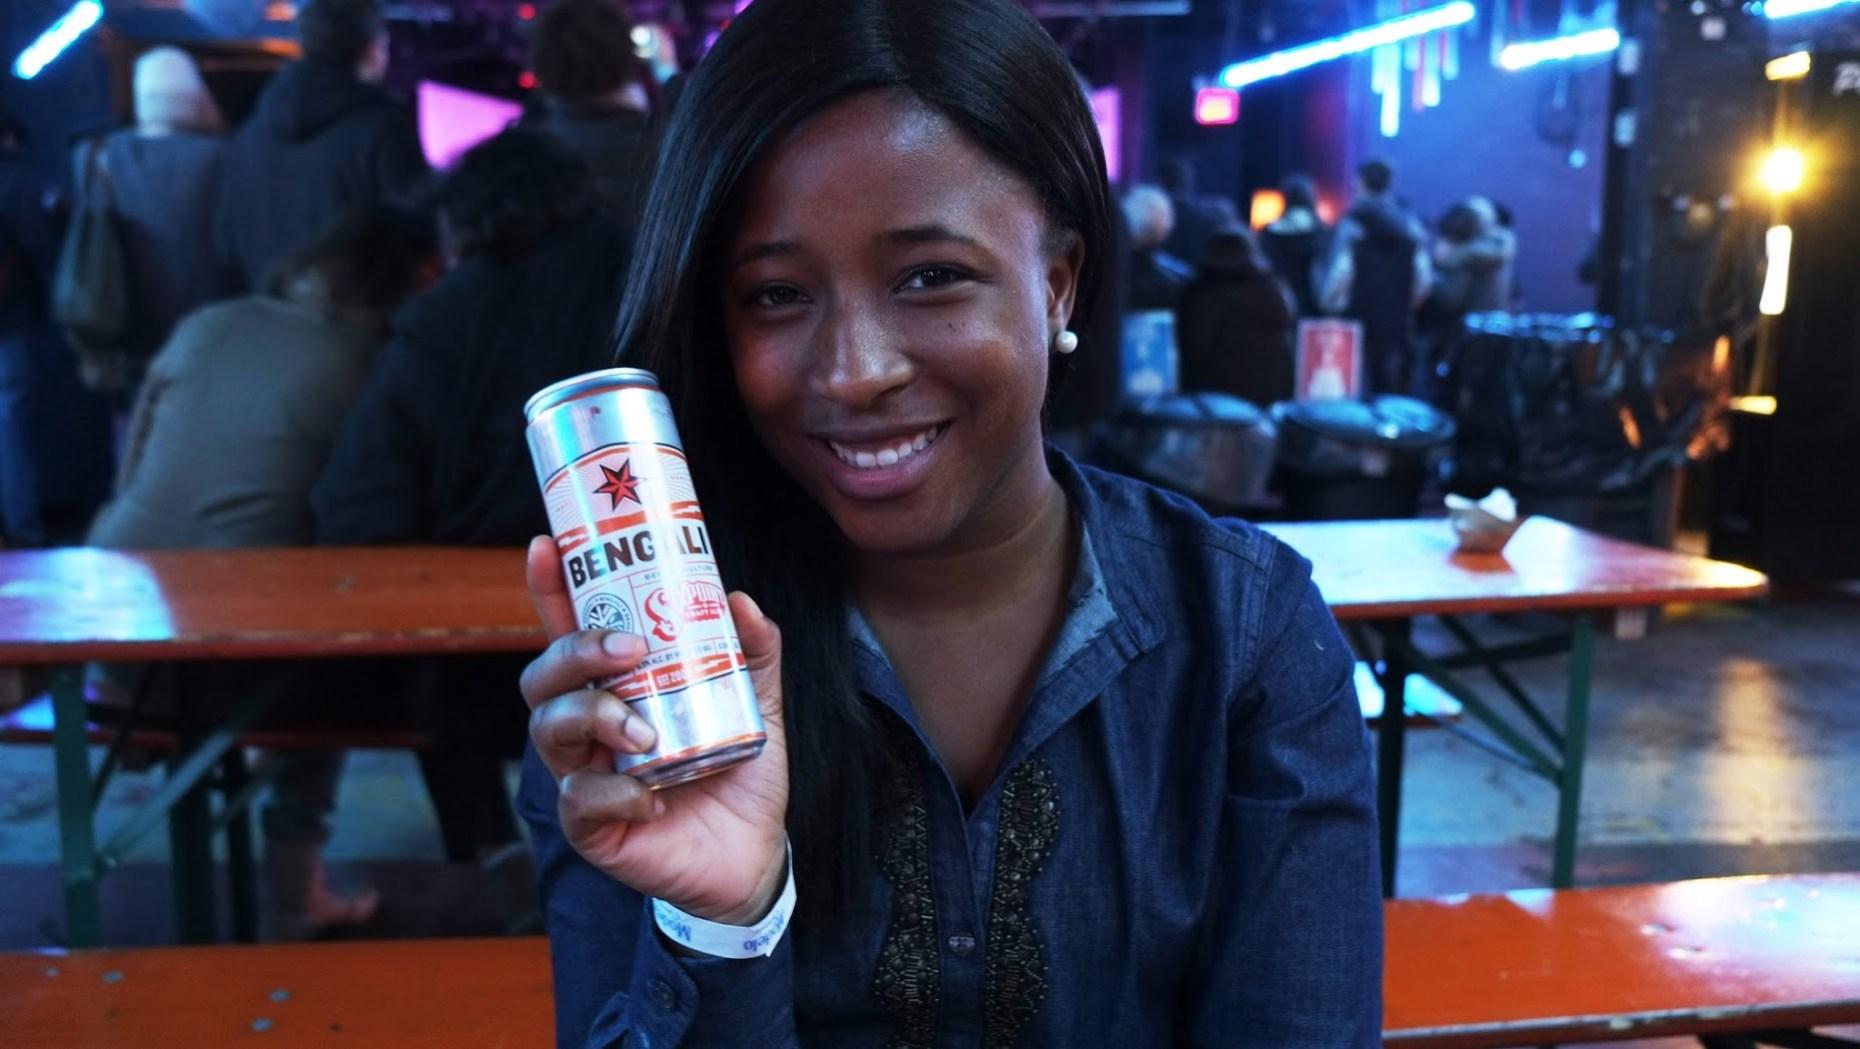 Brooklyn Night Bazaar beer